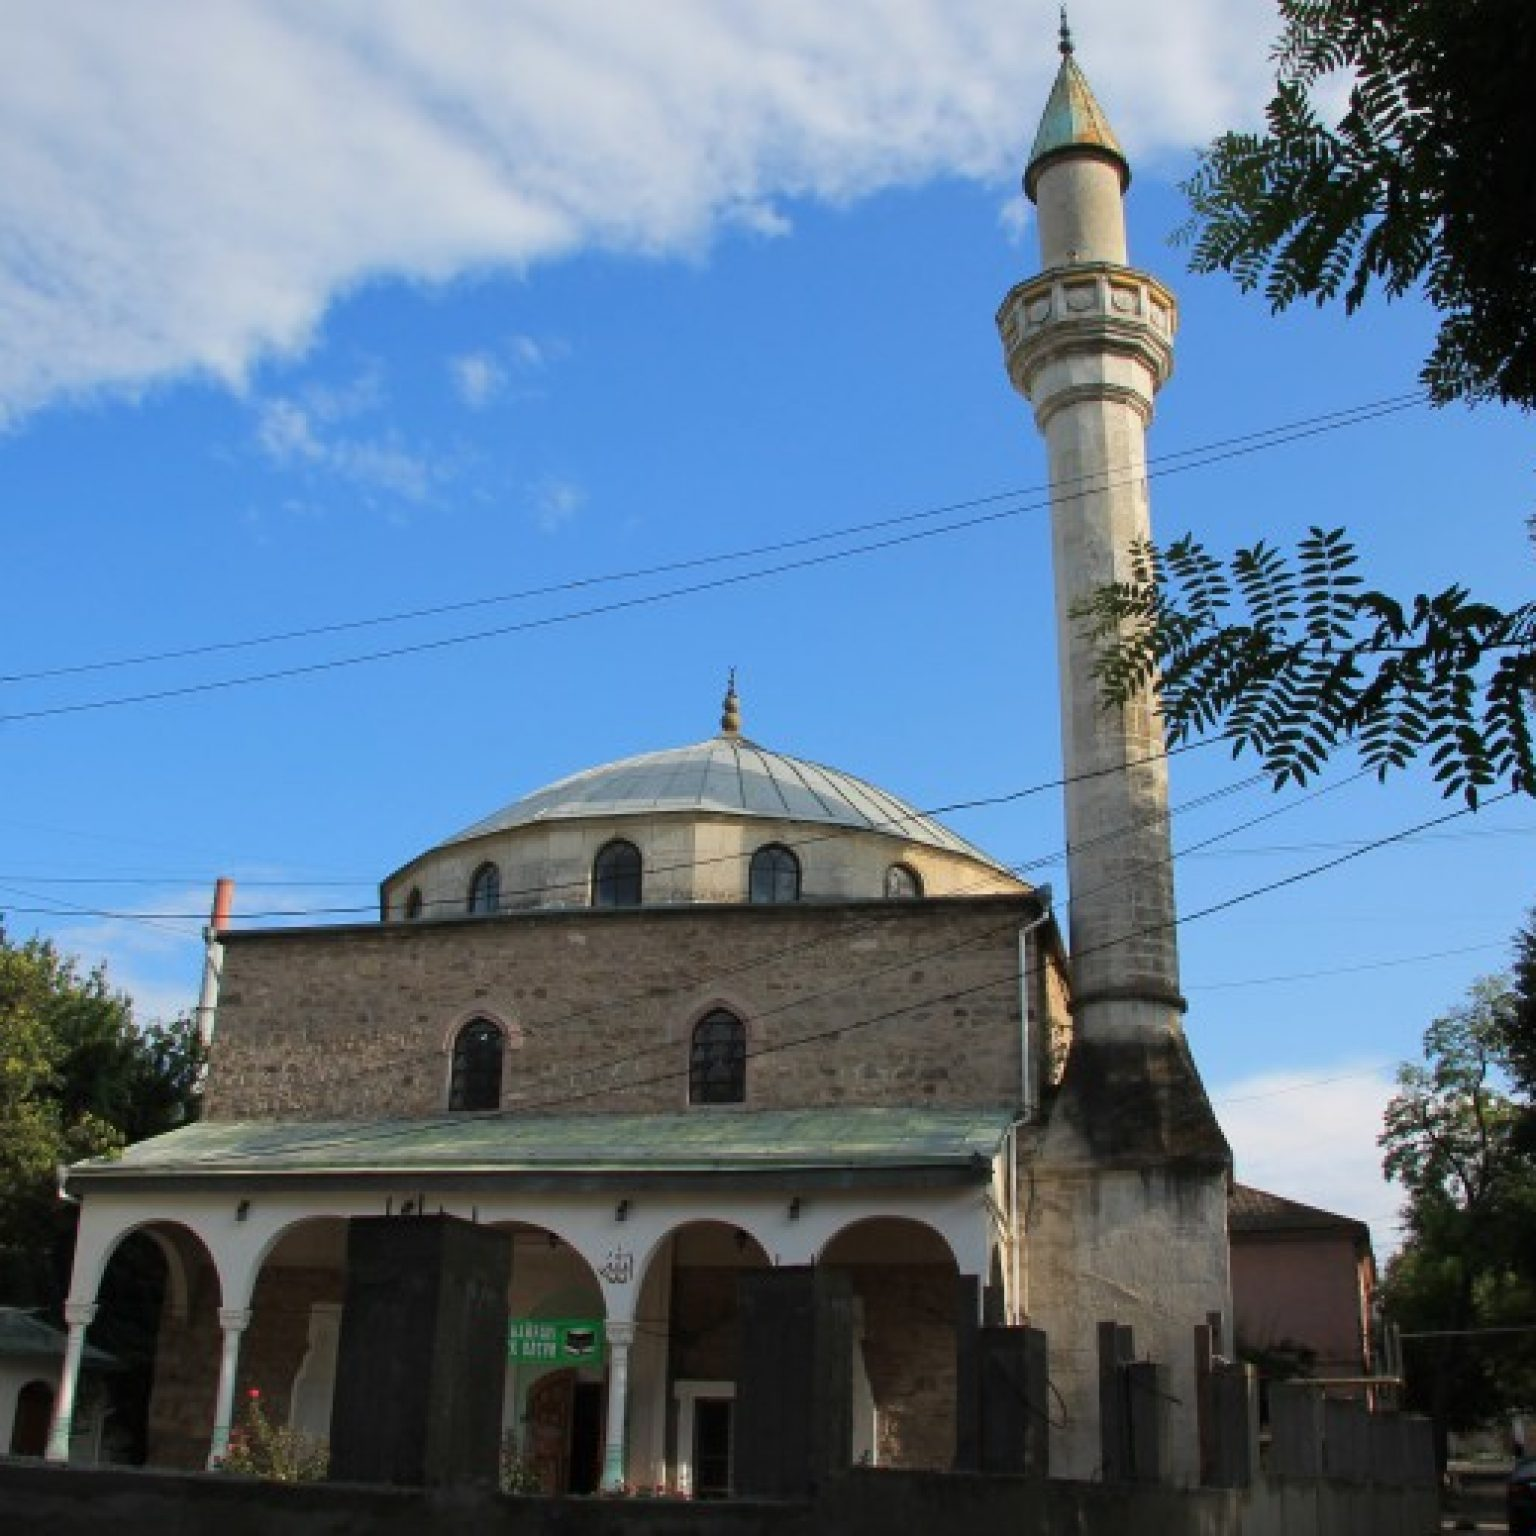 Достопримечательности Феодосии: Мечеть Муфти-Джами